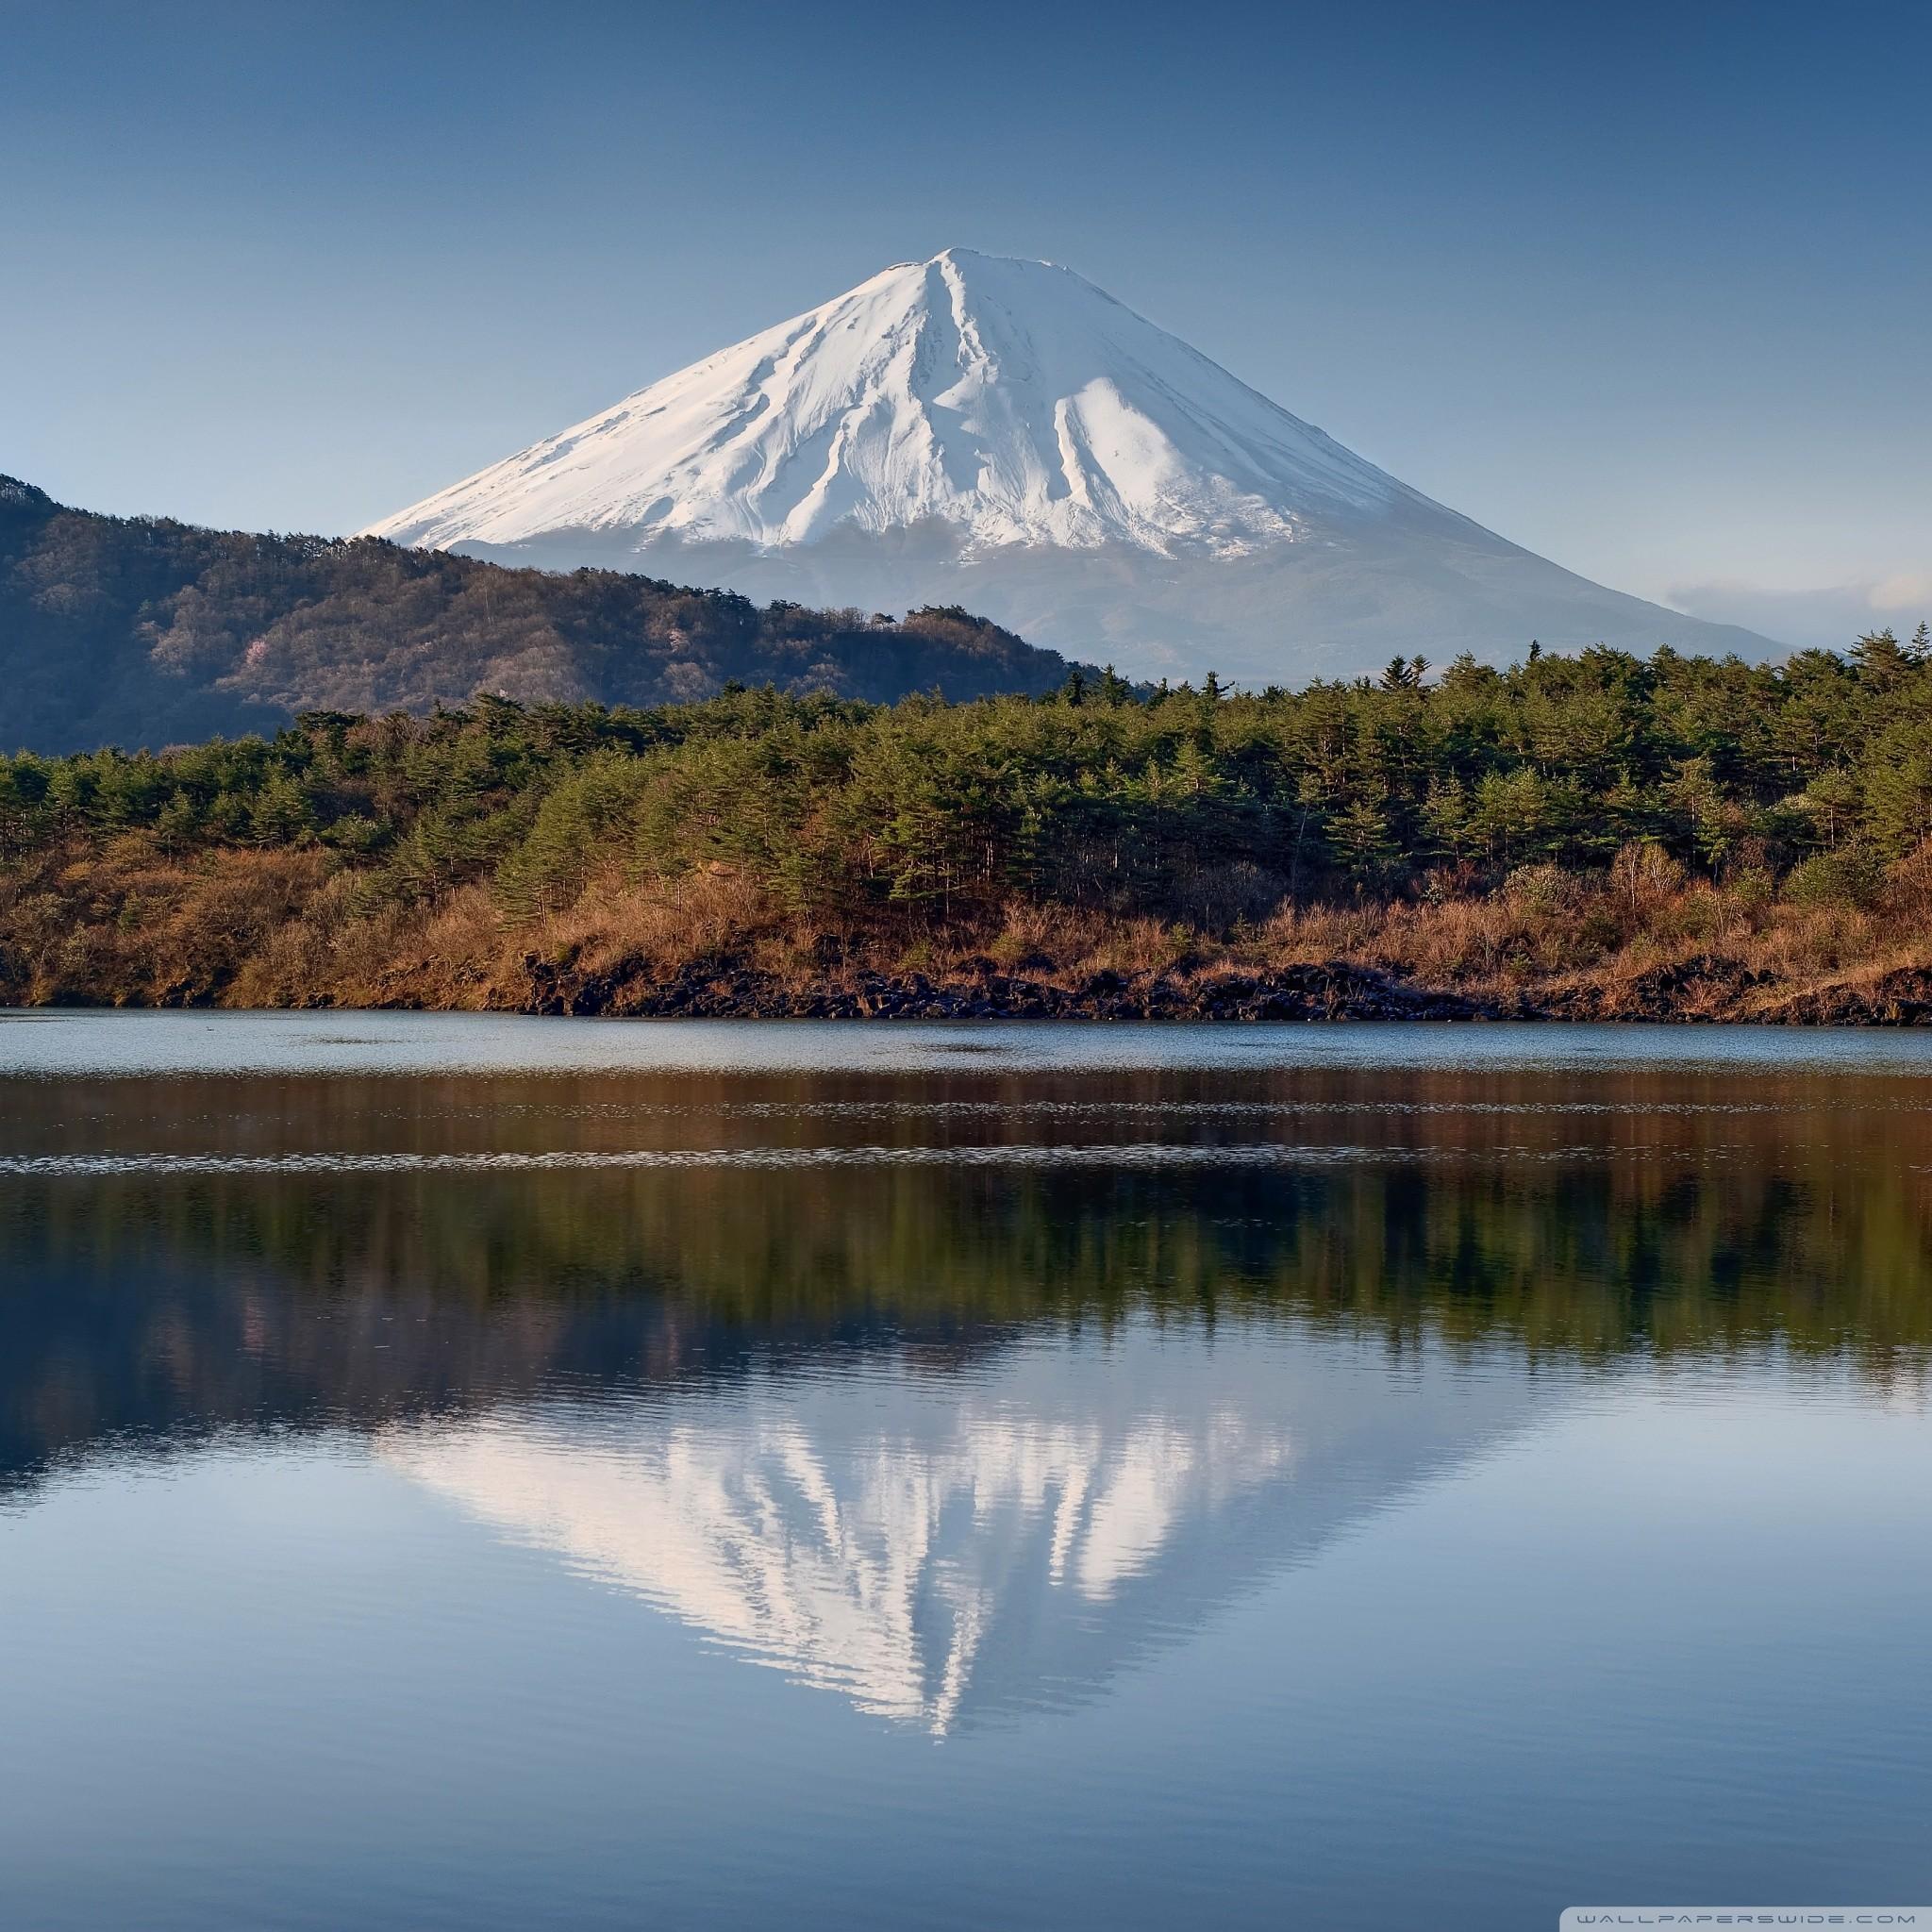 Mt Fuji Wallpaper (65+ Images